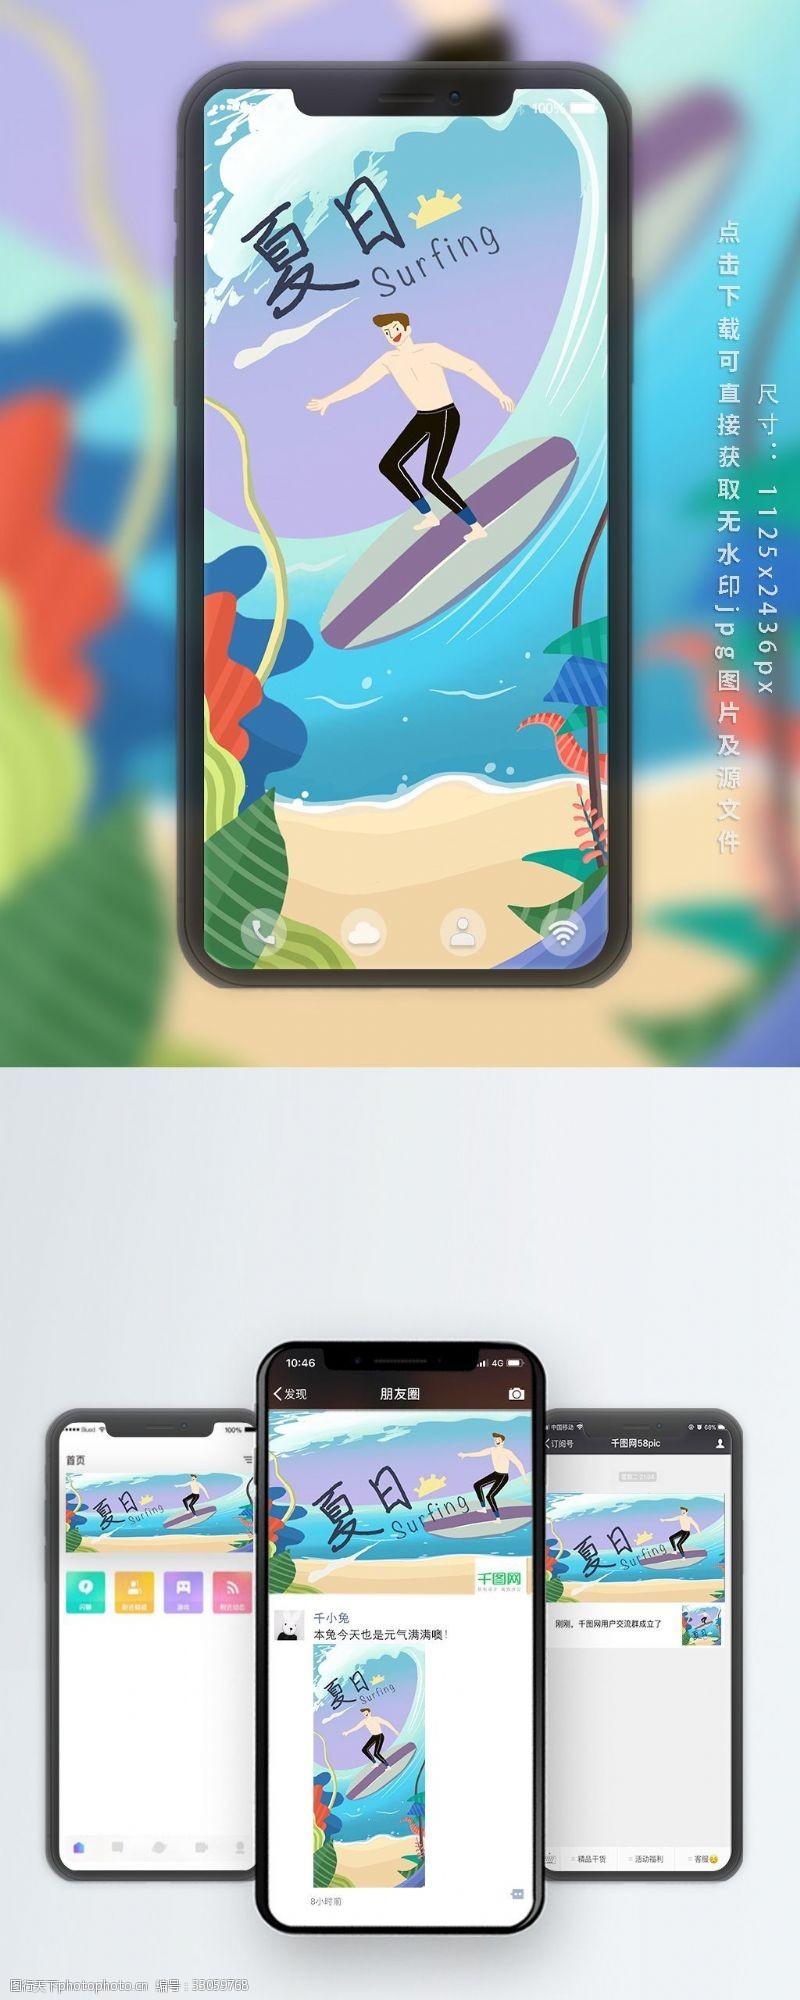 夏日避暑游冲浪男孩原创插画手机壁纸海报